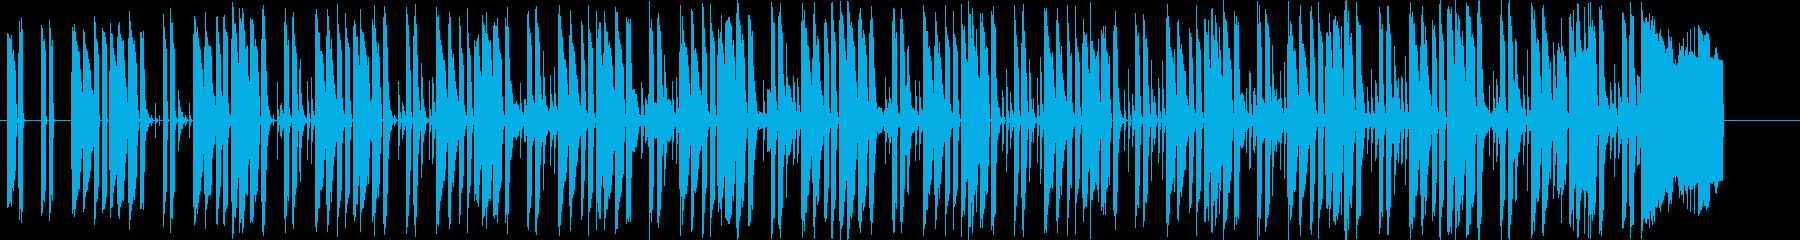 エレピが軽快なリズムを刻むテクノポップの再生済みの波形